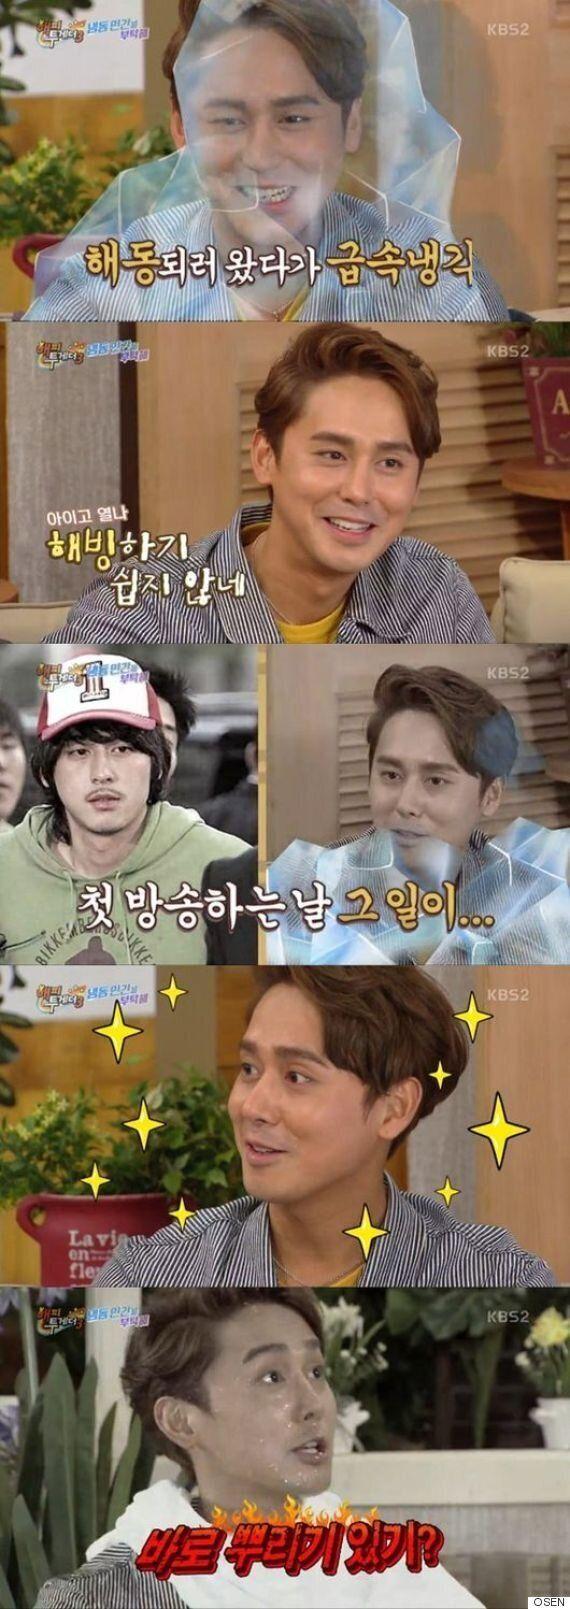 [어저께TV] '해투3' 김상혁, 원조 '뇌맑남'이 쏘아올린 크나큰